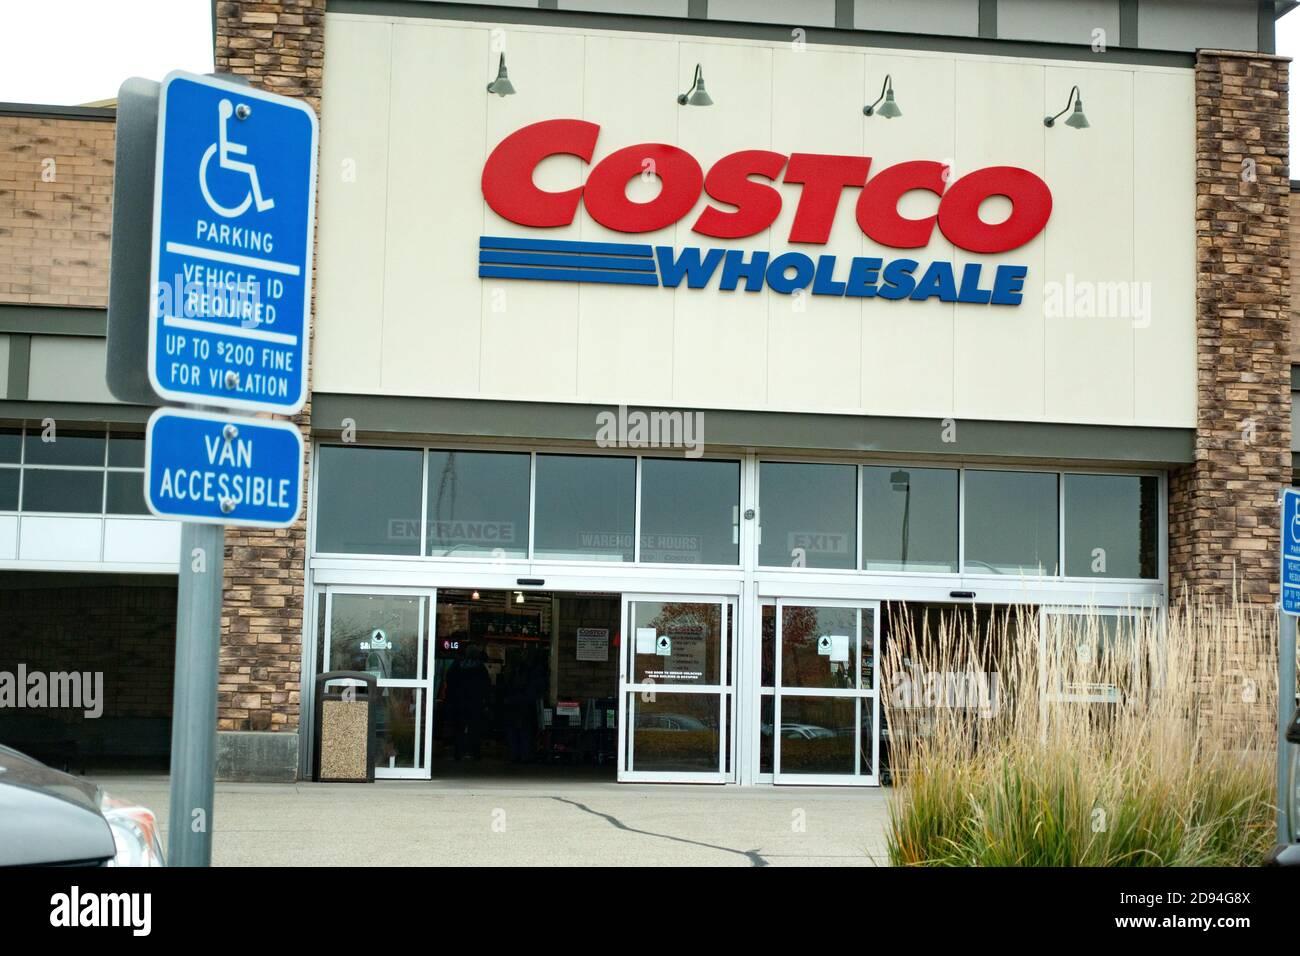 La entrada a la tienda Costco Wholesale con letrero de estacionamiento para discapacitados en el estacionamiento. Maplewood Minnesota MN EE.UU Foto de stock